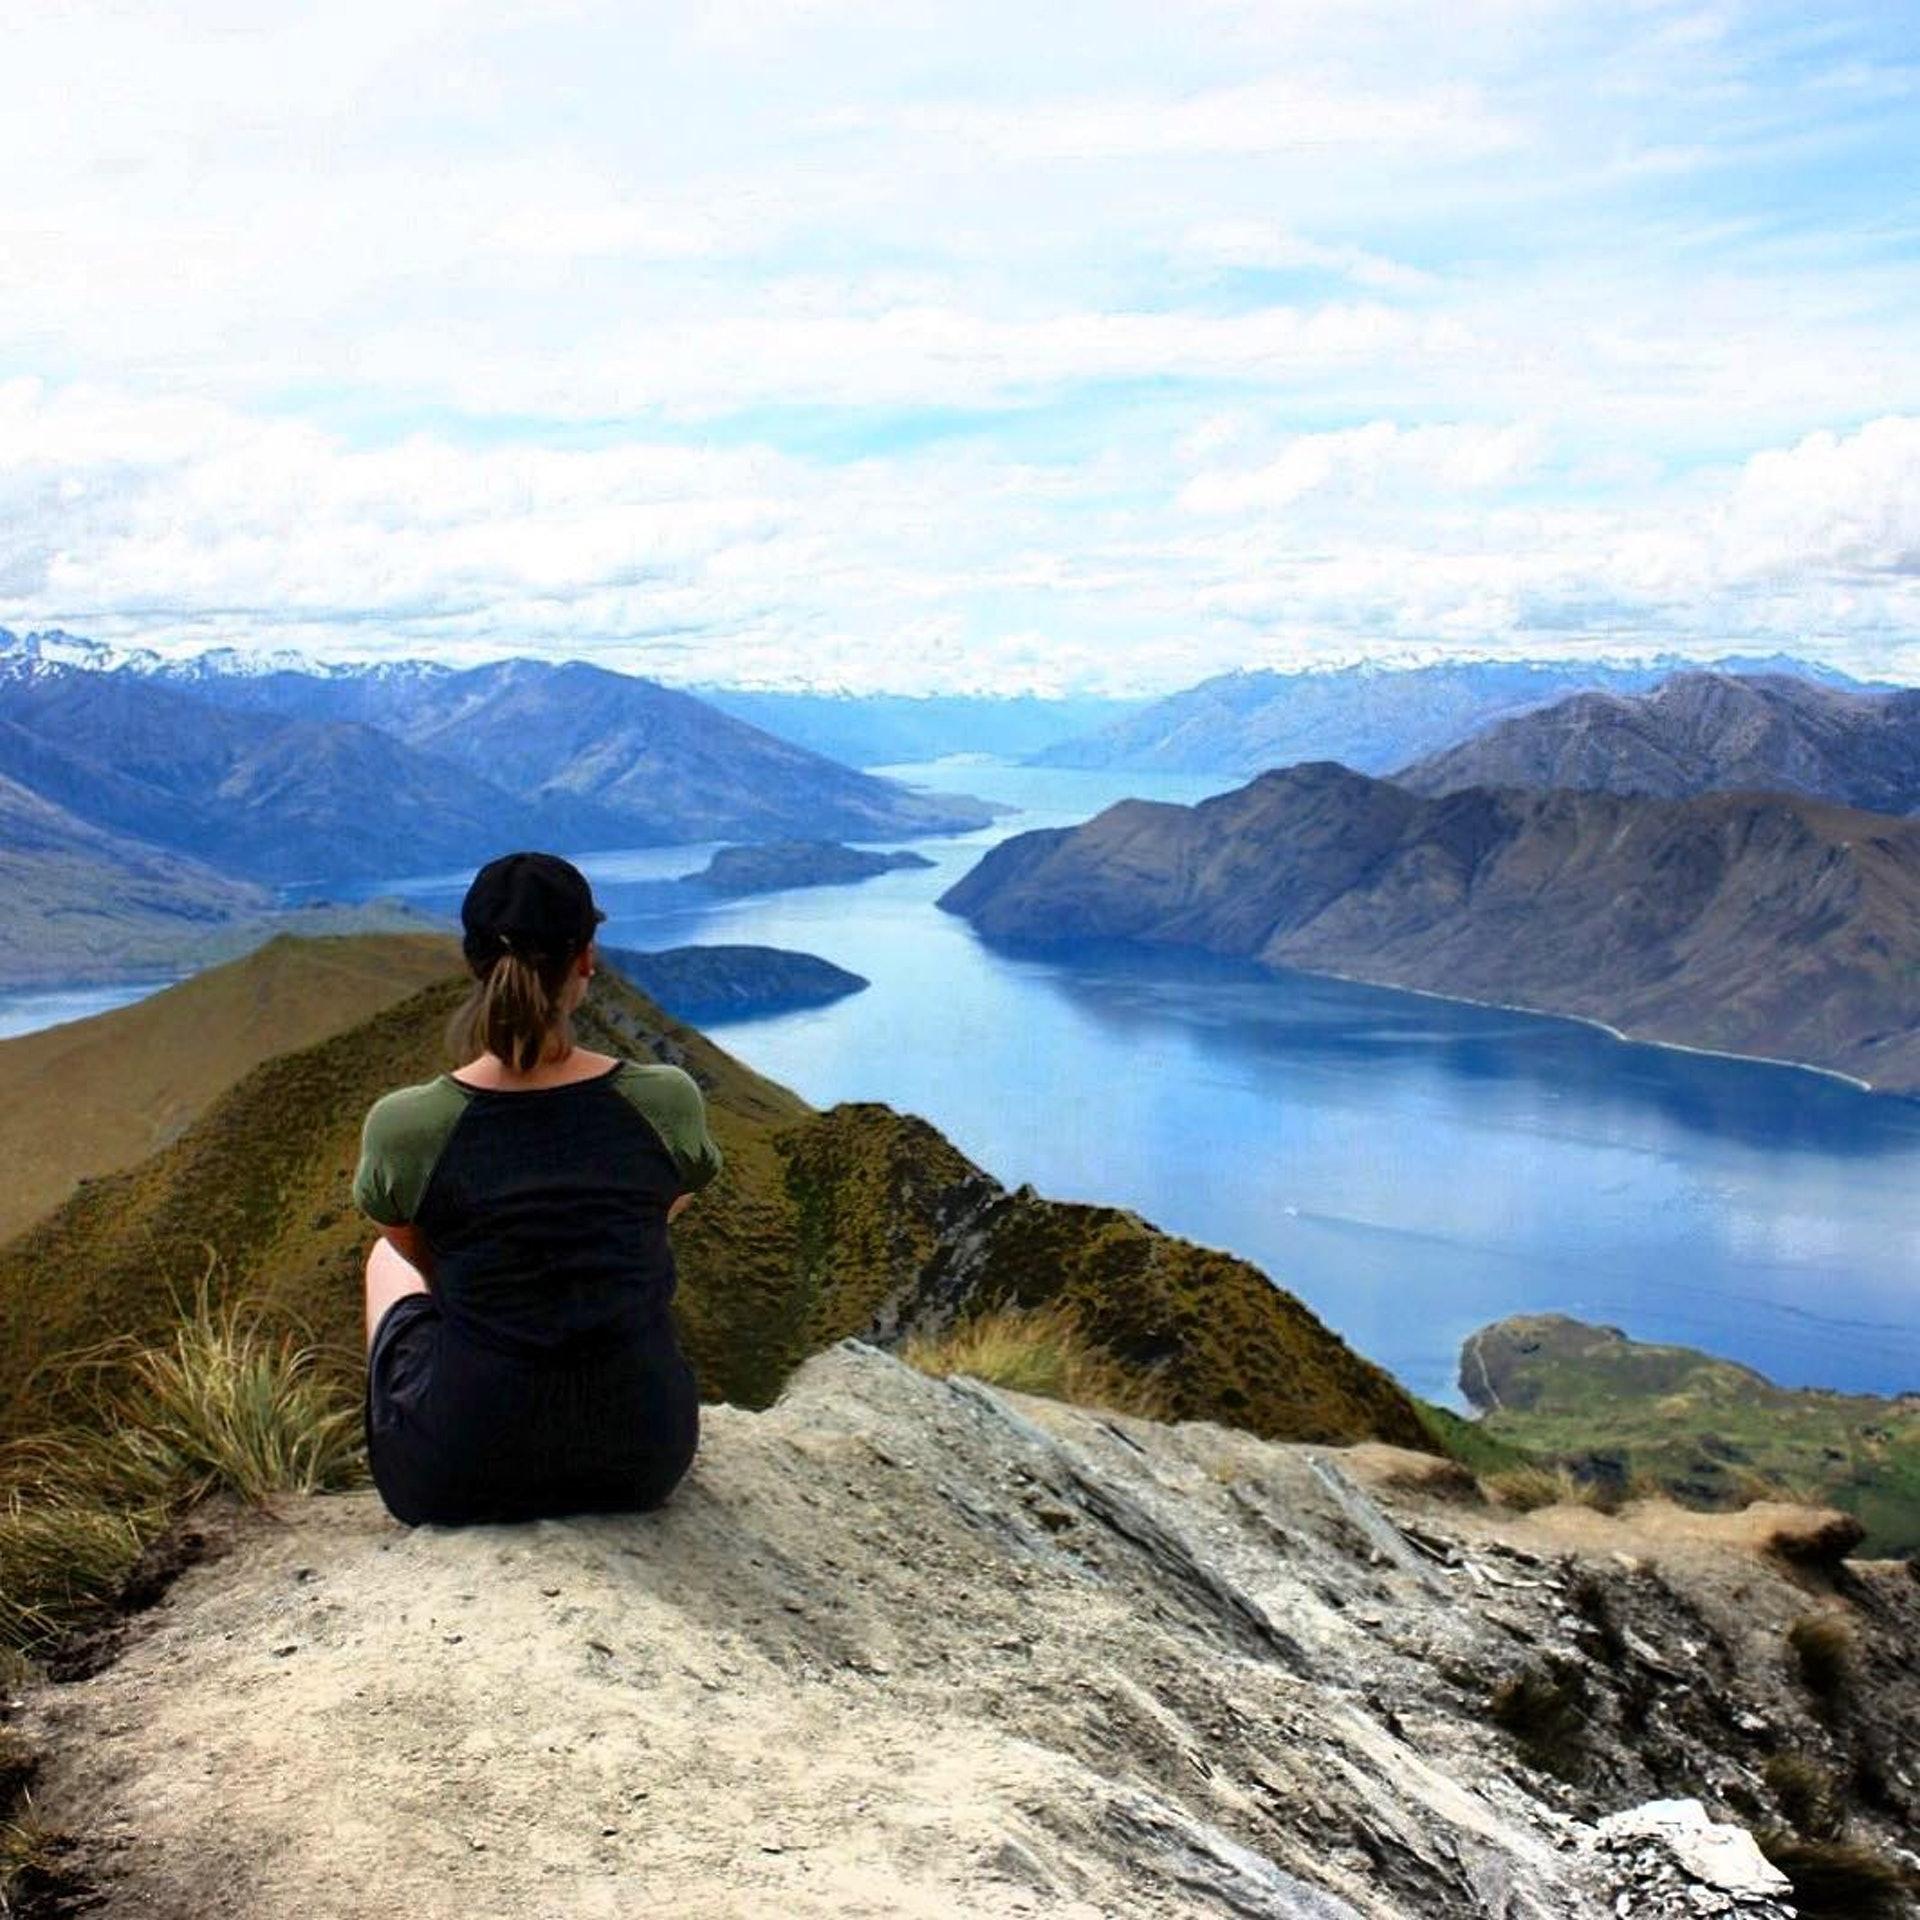 紐西蘭羅伊峰是當地最有人氣的景點之一,大批遊客專程去打卡拍照。(「Rob Roys Peak Track Wanaka」IG圖片)